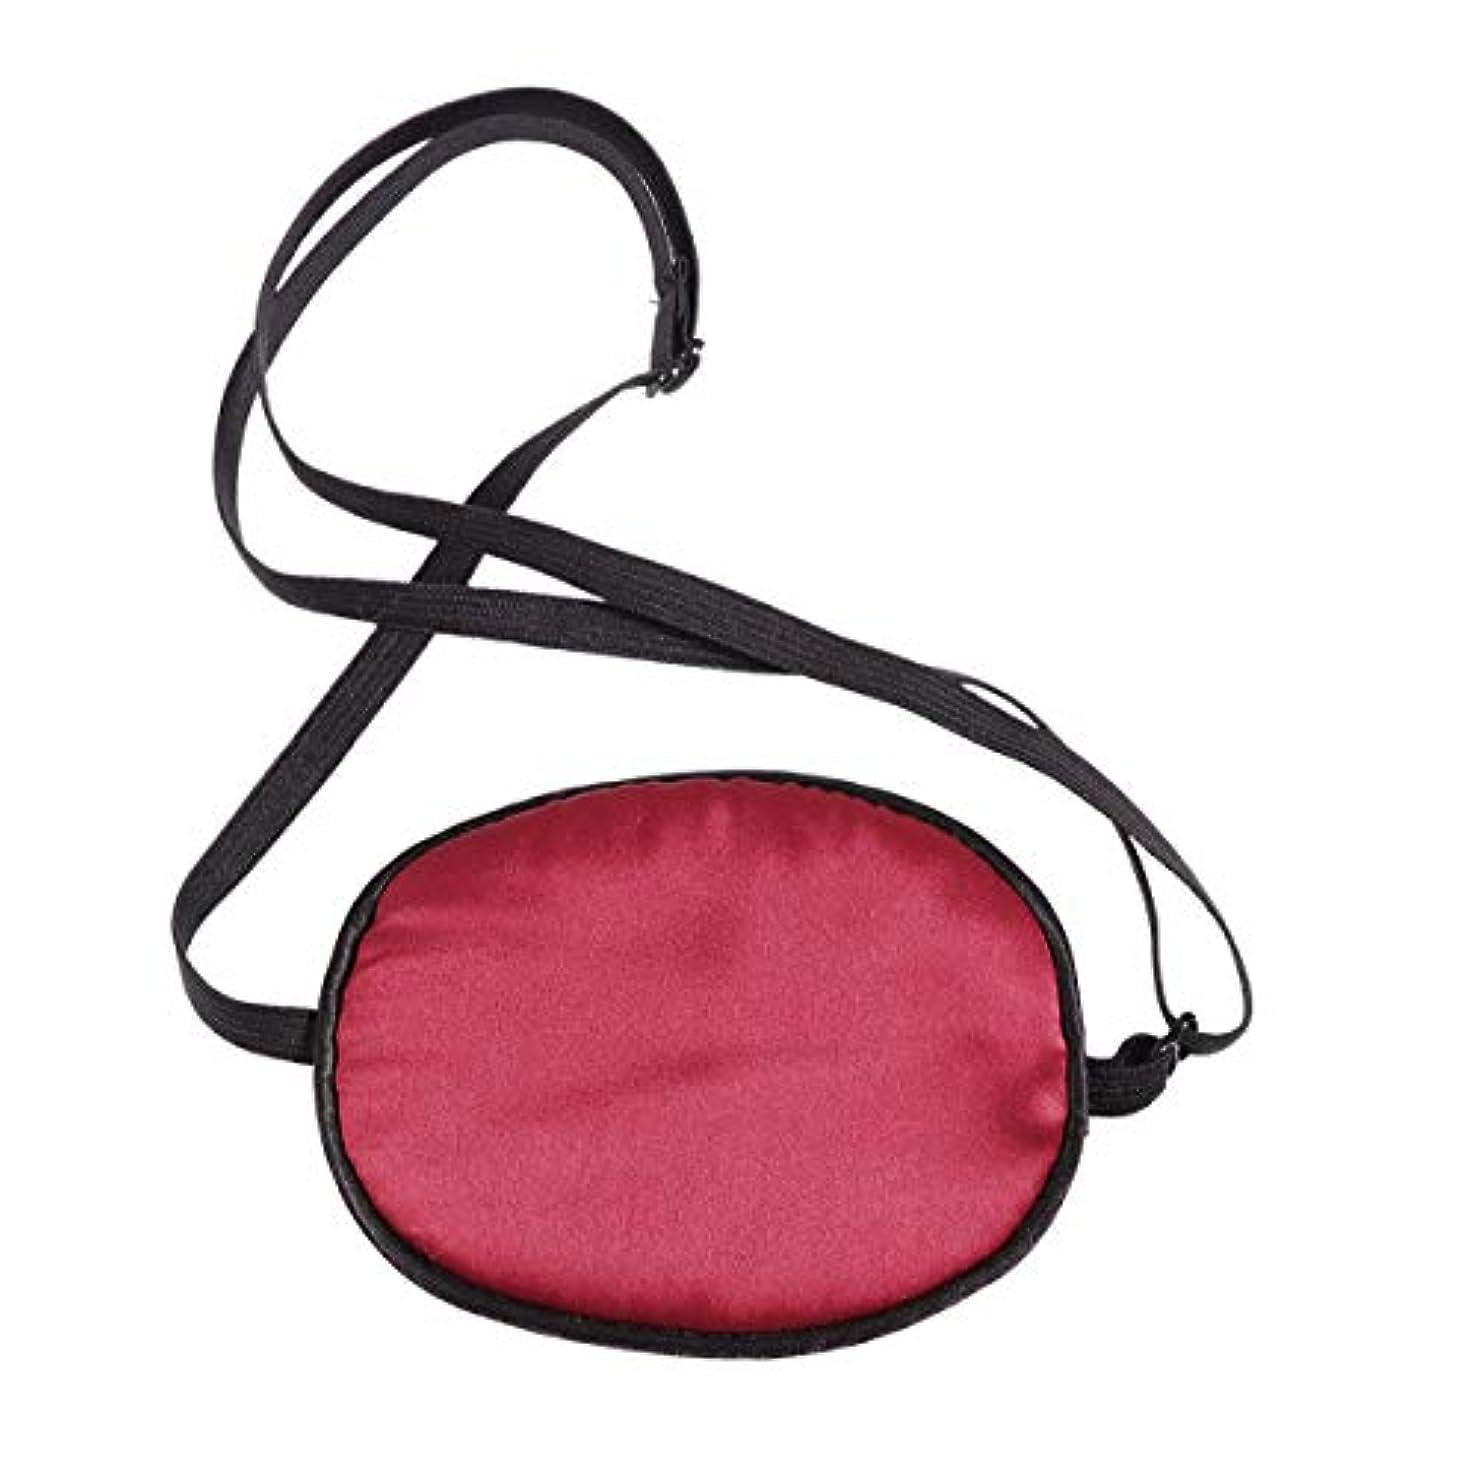 ふくろう小道具ハイキングHEALIFTY 睡眠の目隠し調節可能な絹の海賊目のパッチ子供の弱視のためのソフトで快適な単一の目のマスク正面の怠惰な目